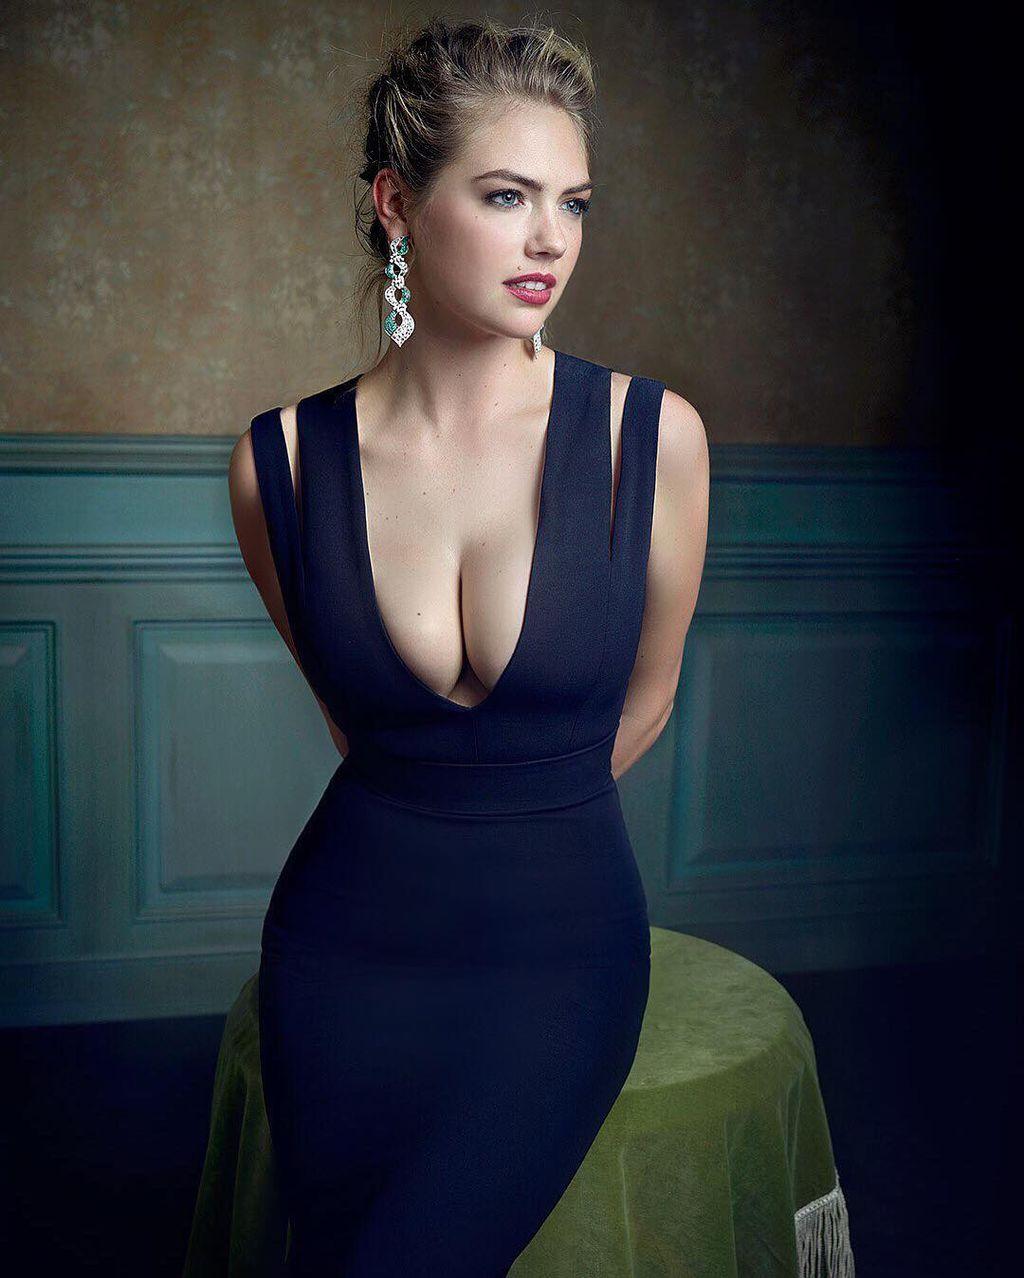 ケイト・アプトン(25)せくはら告白したモデルモデルがクッソえろいwwww(えろ写真)